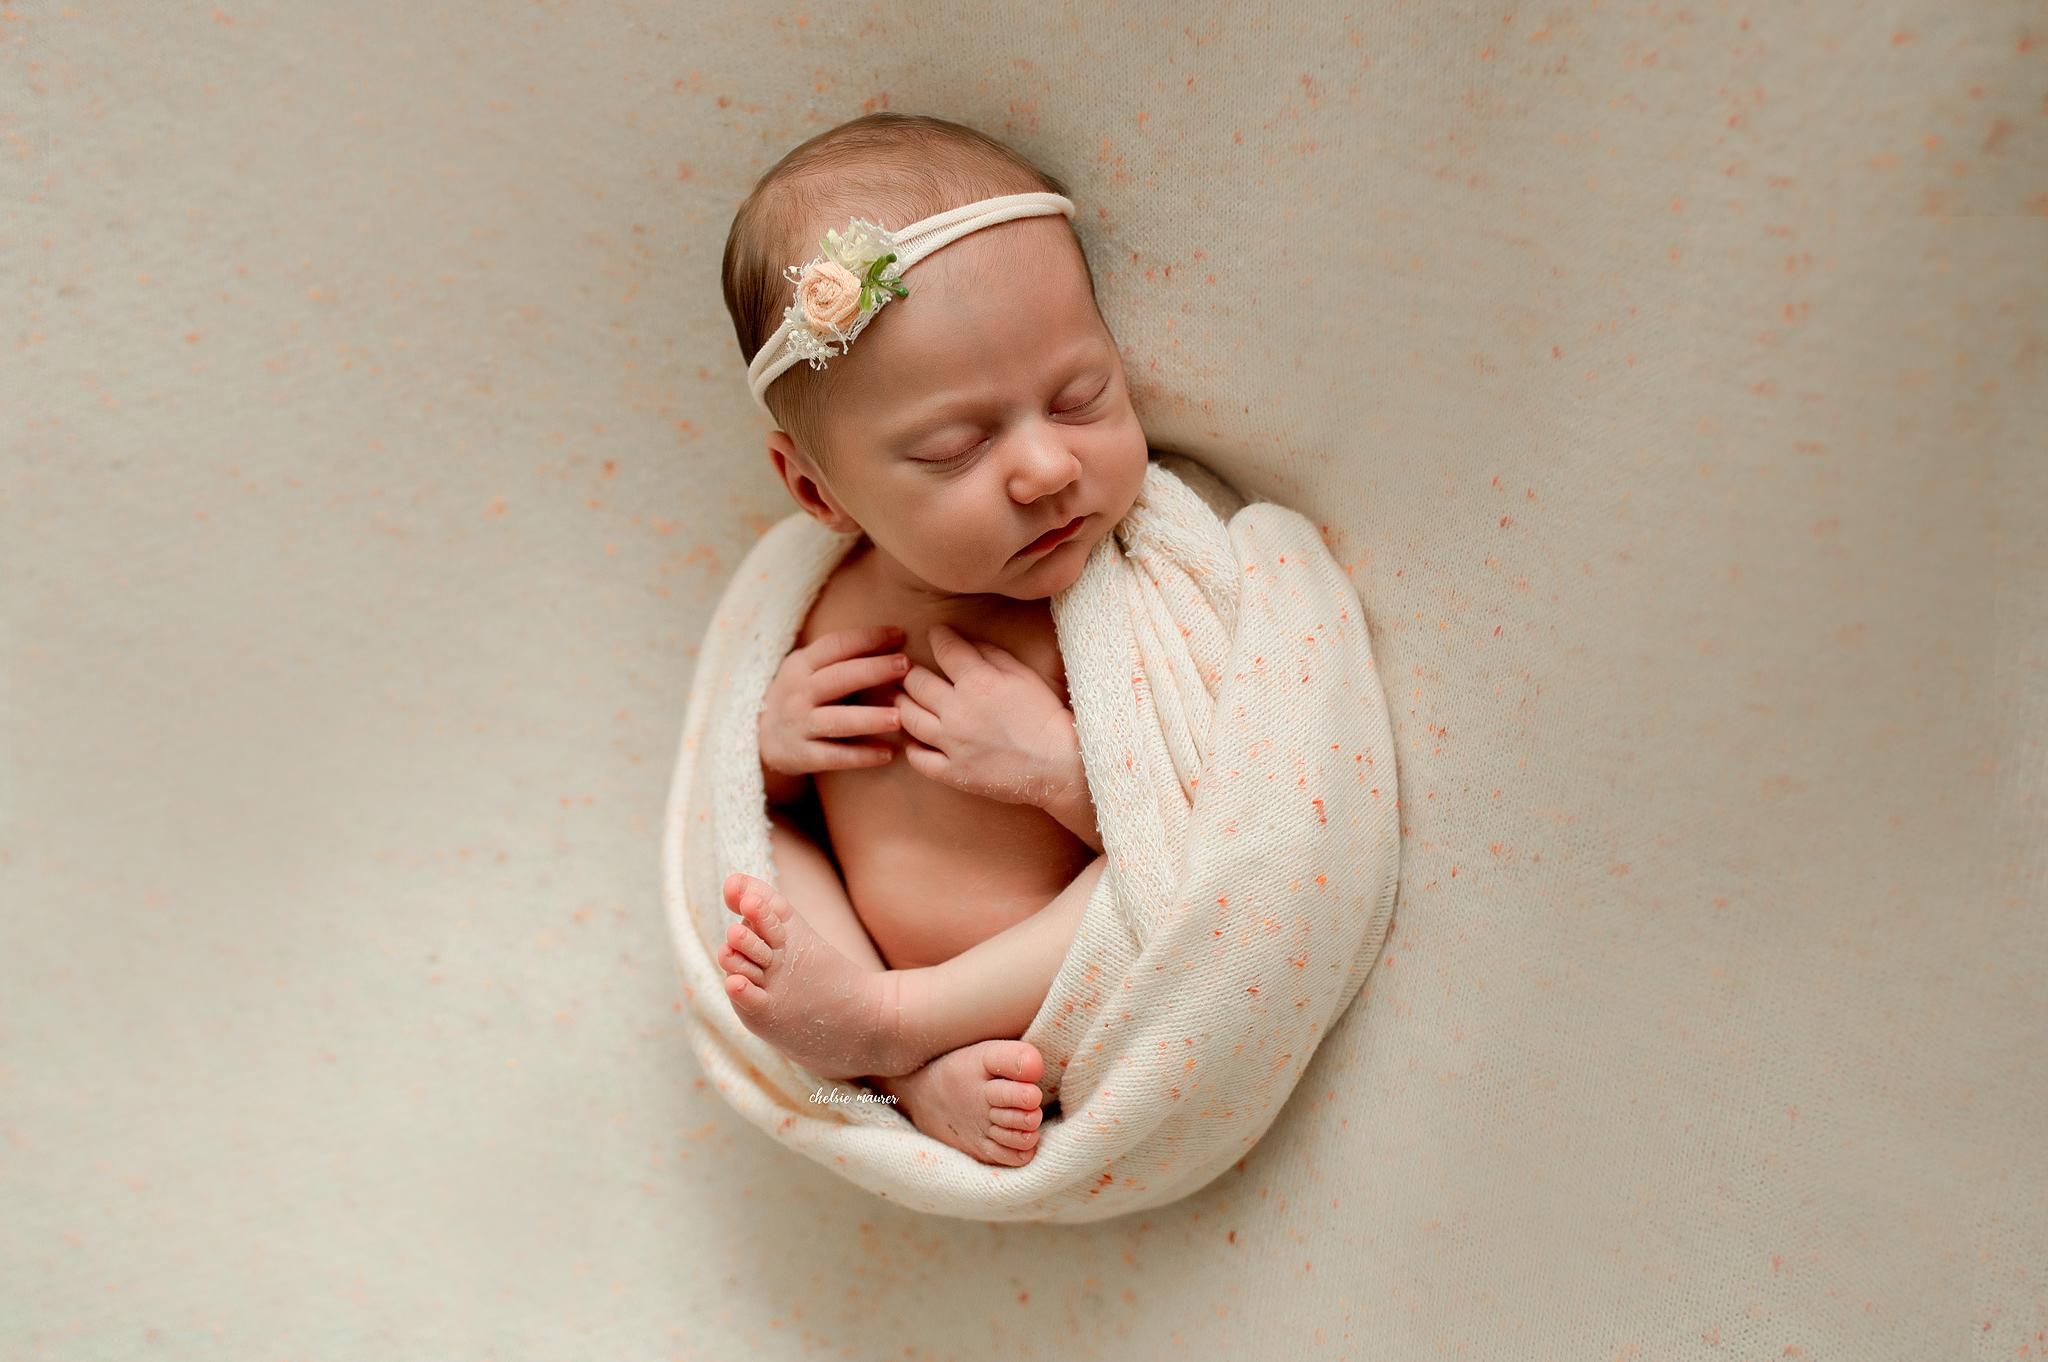 newborn photography in detroit mi